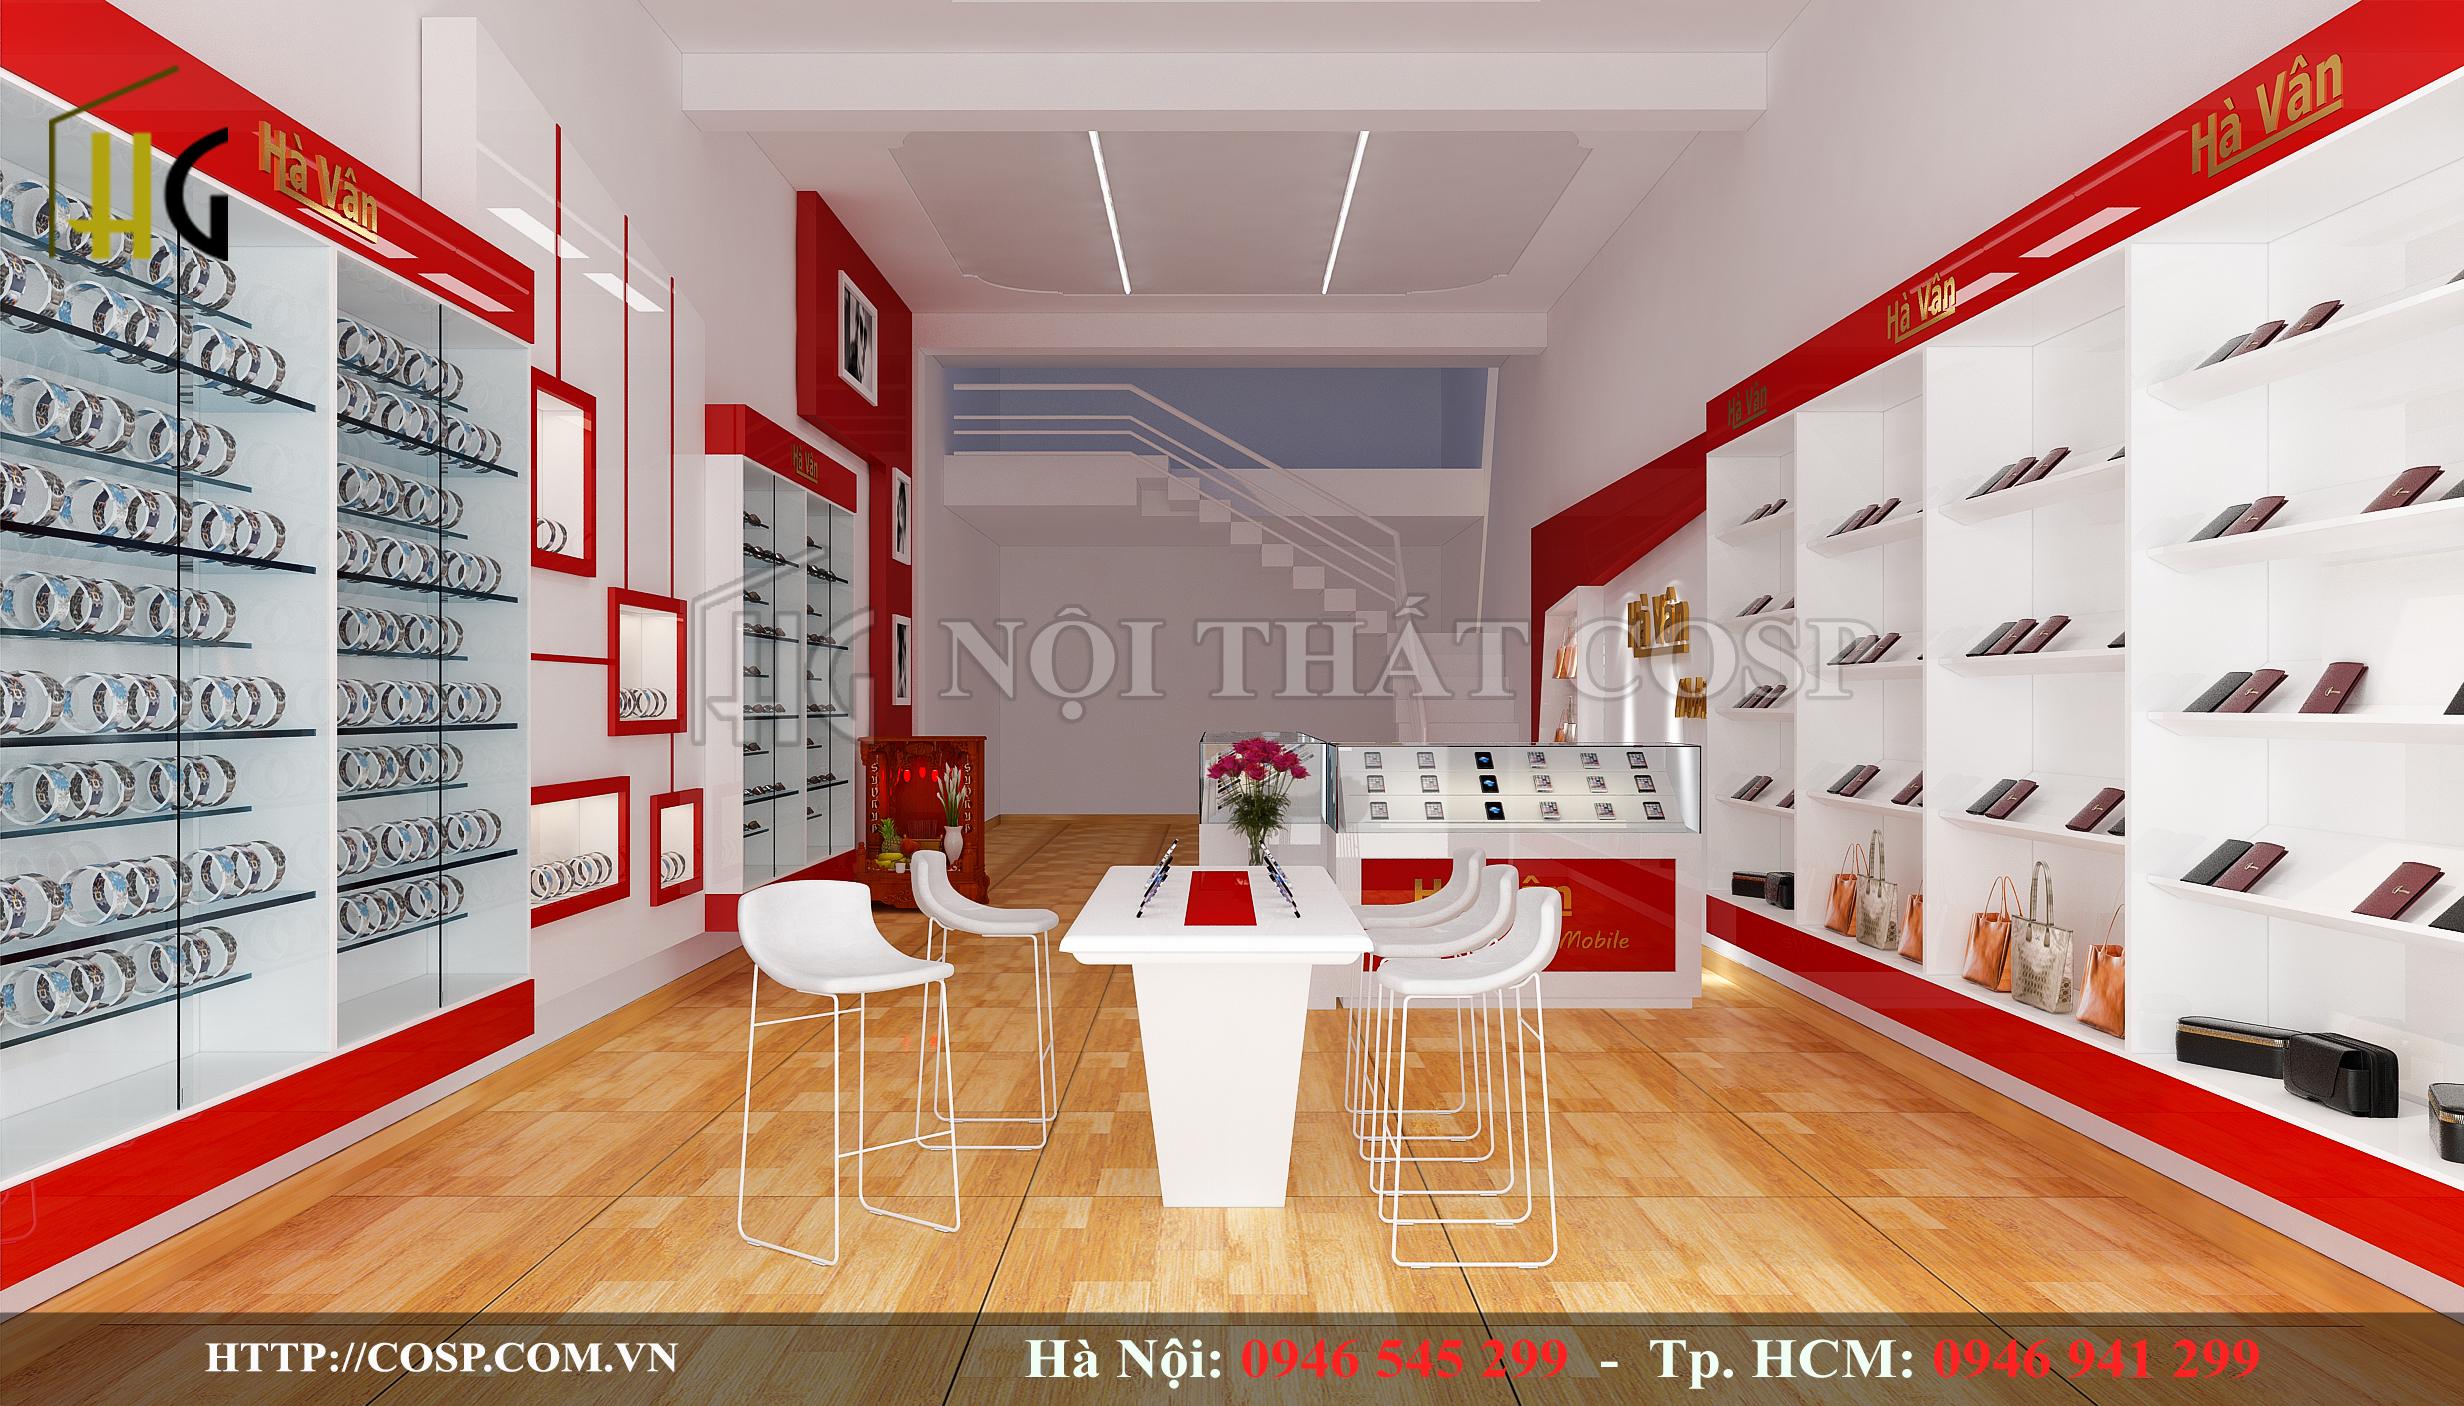 Thiết kế cửa hàng điện thoại ấn tượng với điểm nhấn không gian màu đỏ sẫm